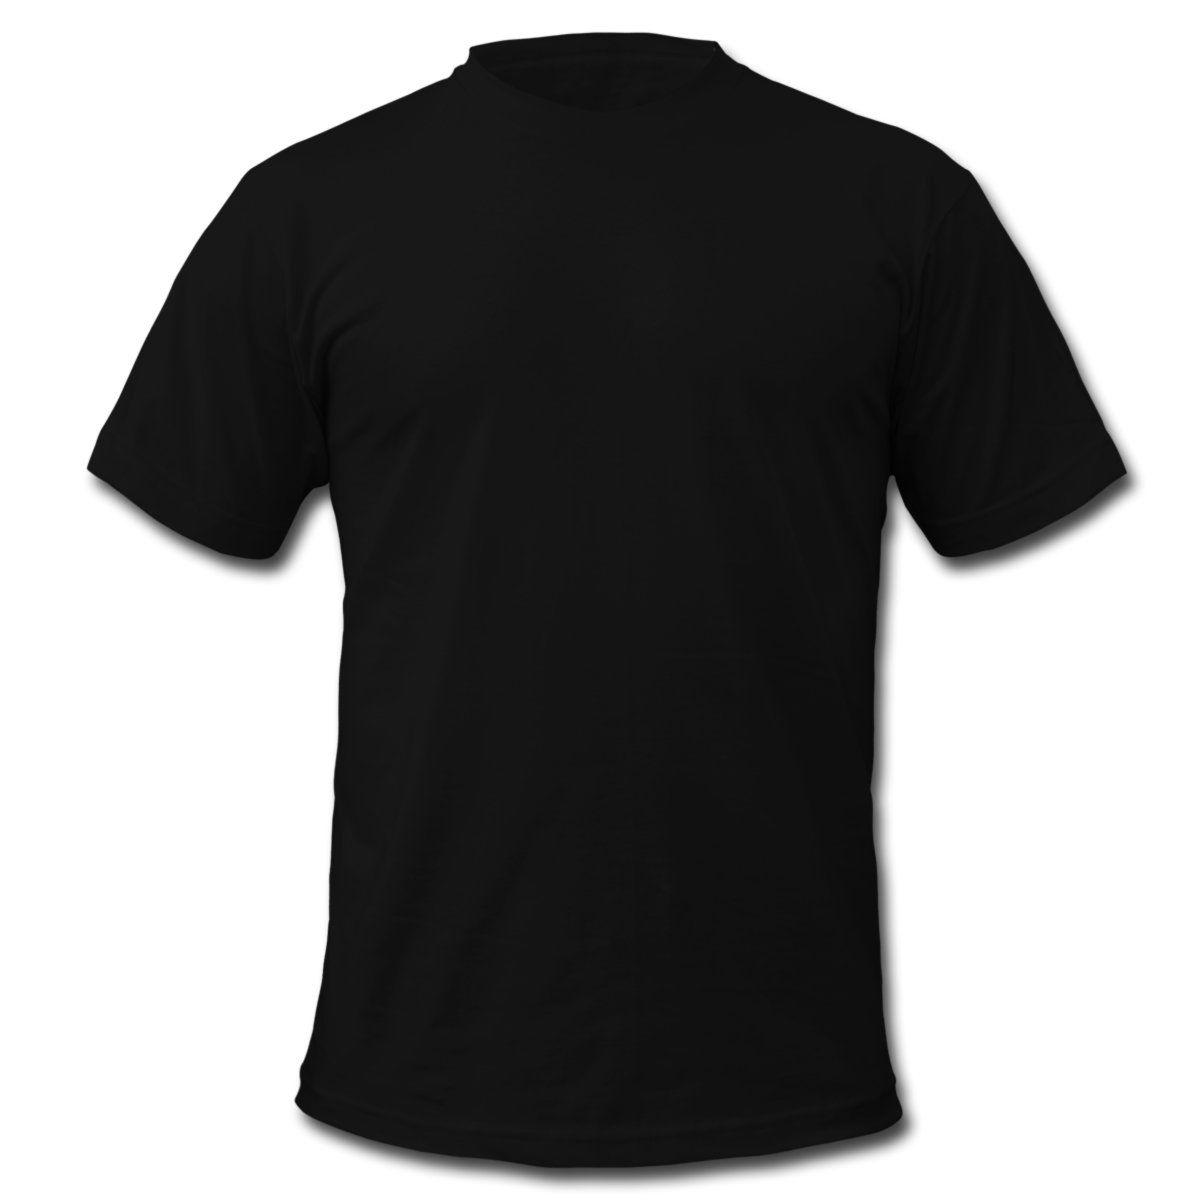 Chefkoch Totenkopf mit Chillis T-Shirt | Spreadshirt | ID: 24237395 Fun und Tuning Shirts / Pullover u.s.w! Hier findet ihr die coolsten Designs für jeden Augenblick.  Shirts/Pullover/Handyschalen u.s.w!  Natürlich könnt ihr alle Designs nach belieben anpassen Farbe / Druck / Kleidungsstück!  Wählt aus über 1000 Kleidungstücken euren Favoriten...  http://www.spreadshirt.de/psatuner Und direkt in unserem Shop: http://psatuner.spreadshirt.de/